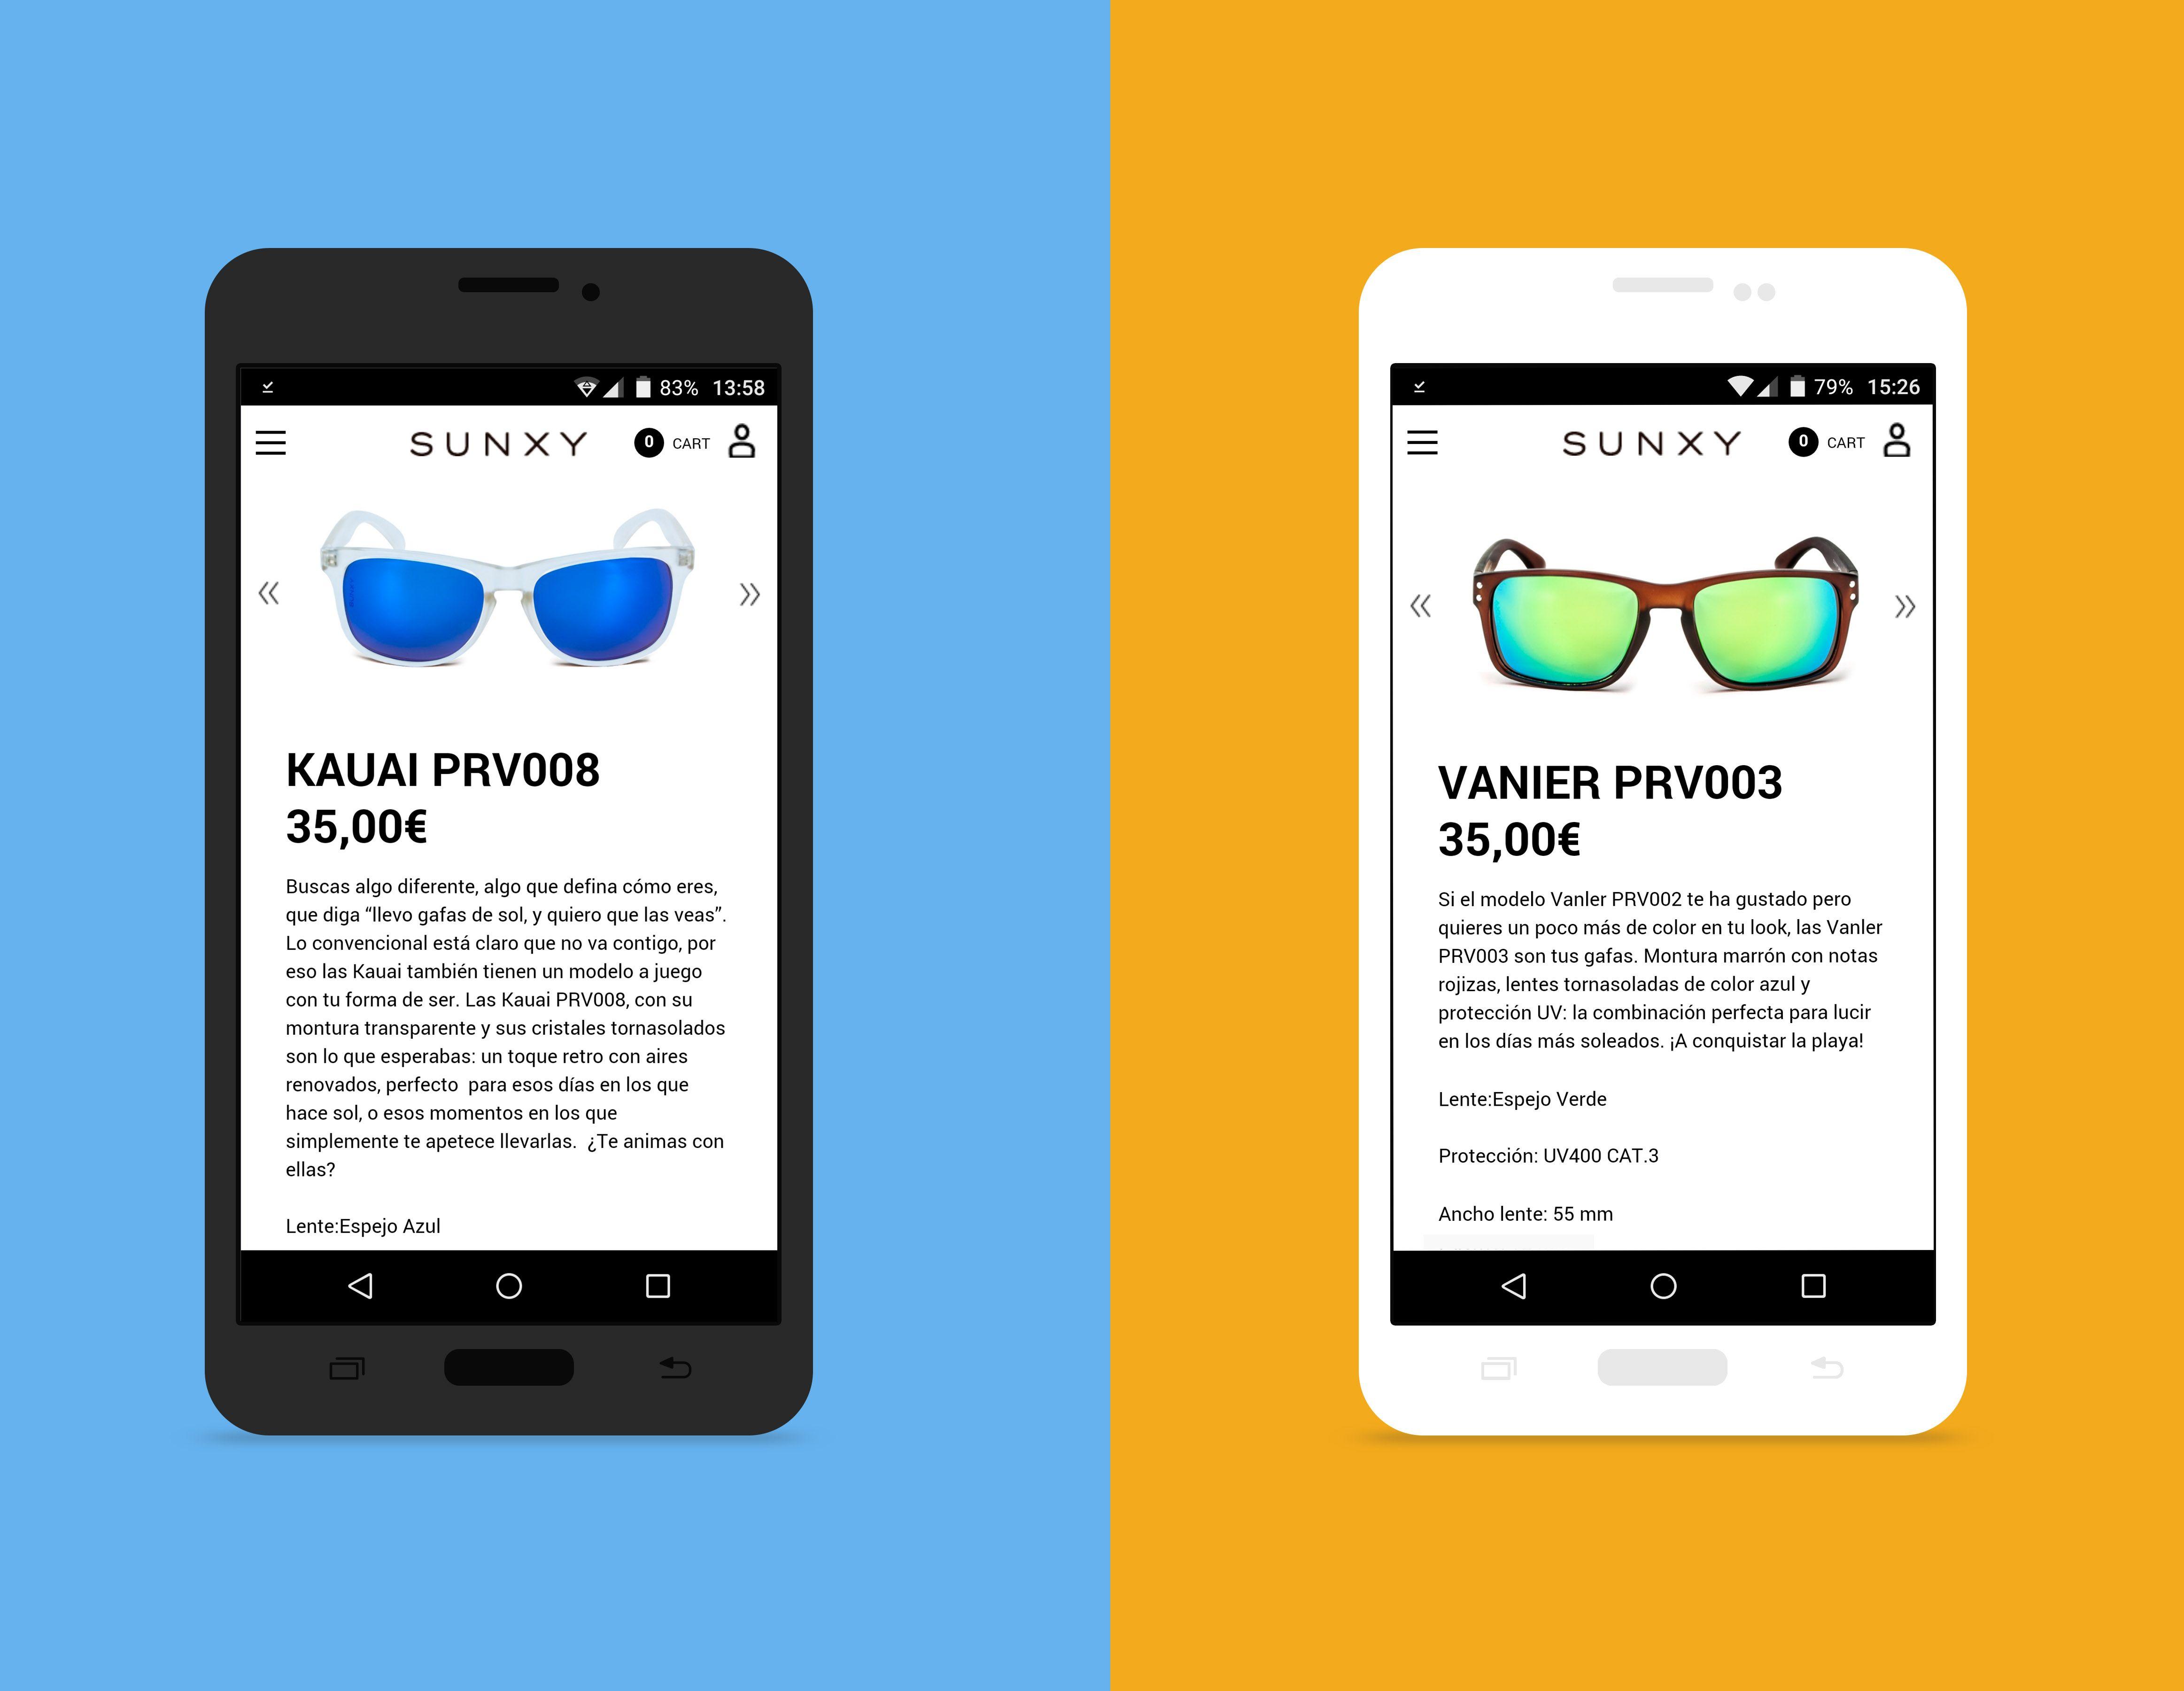 Textos descriptivos para los modelos Kauai y Vanier de las gafas de sol Sunxy.